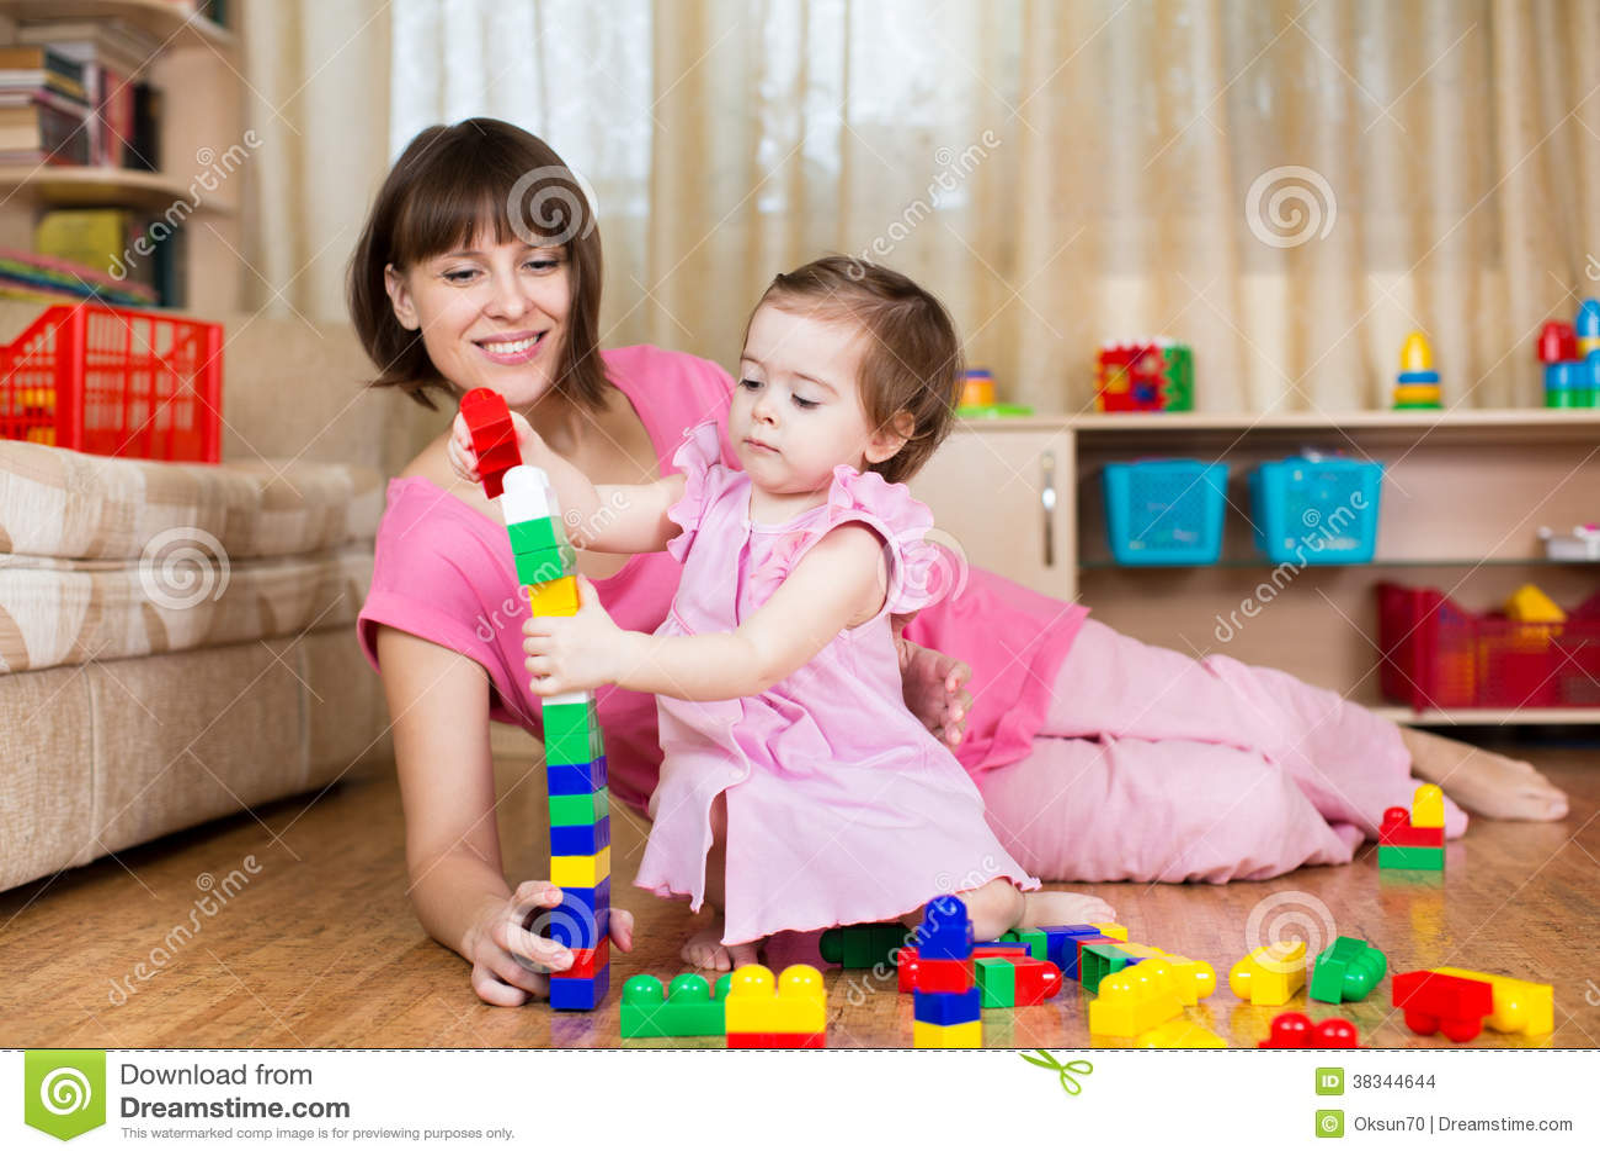 幼儿在家会做的图片